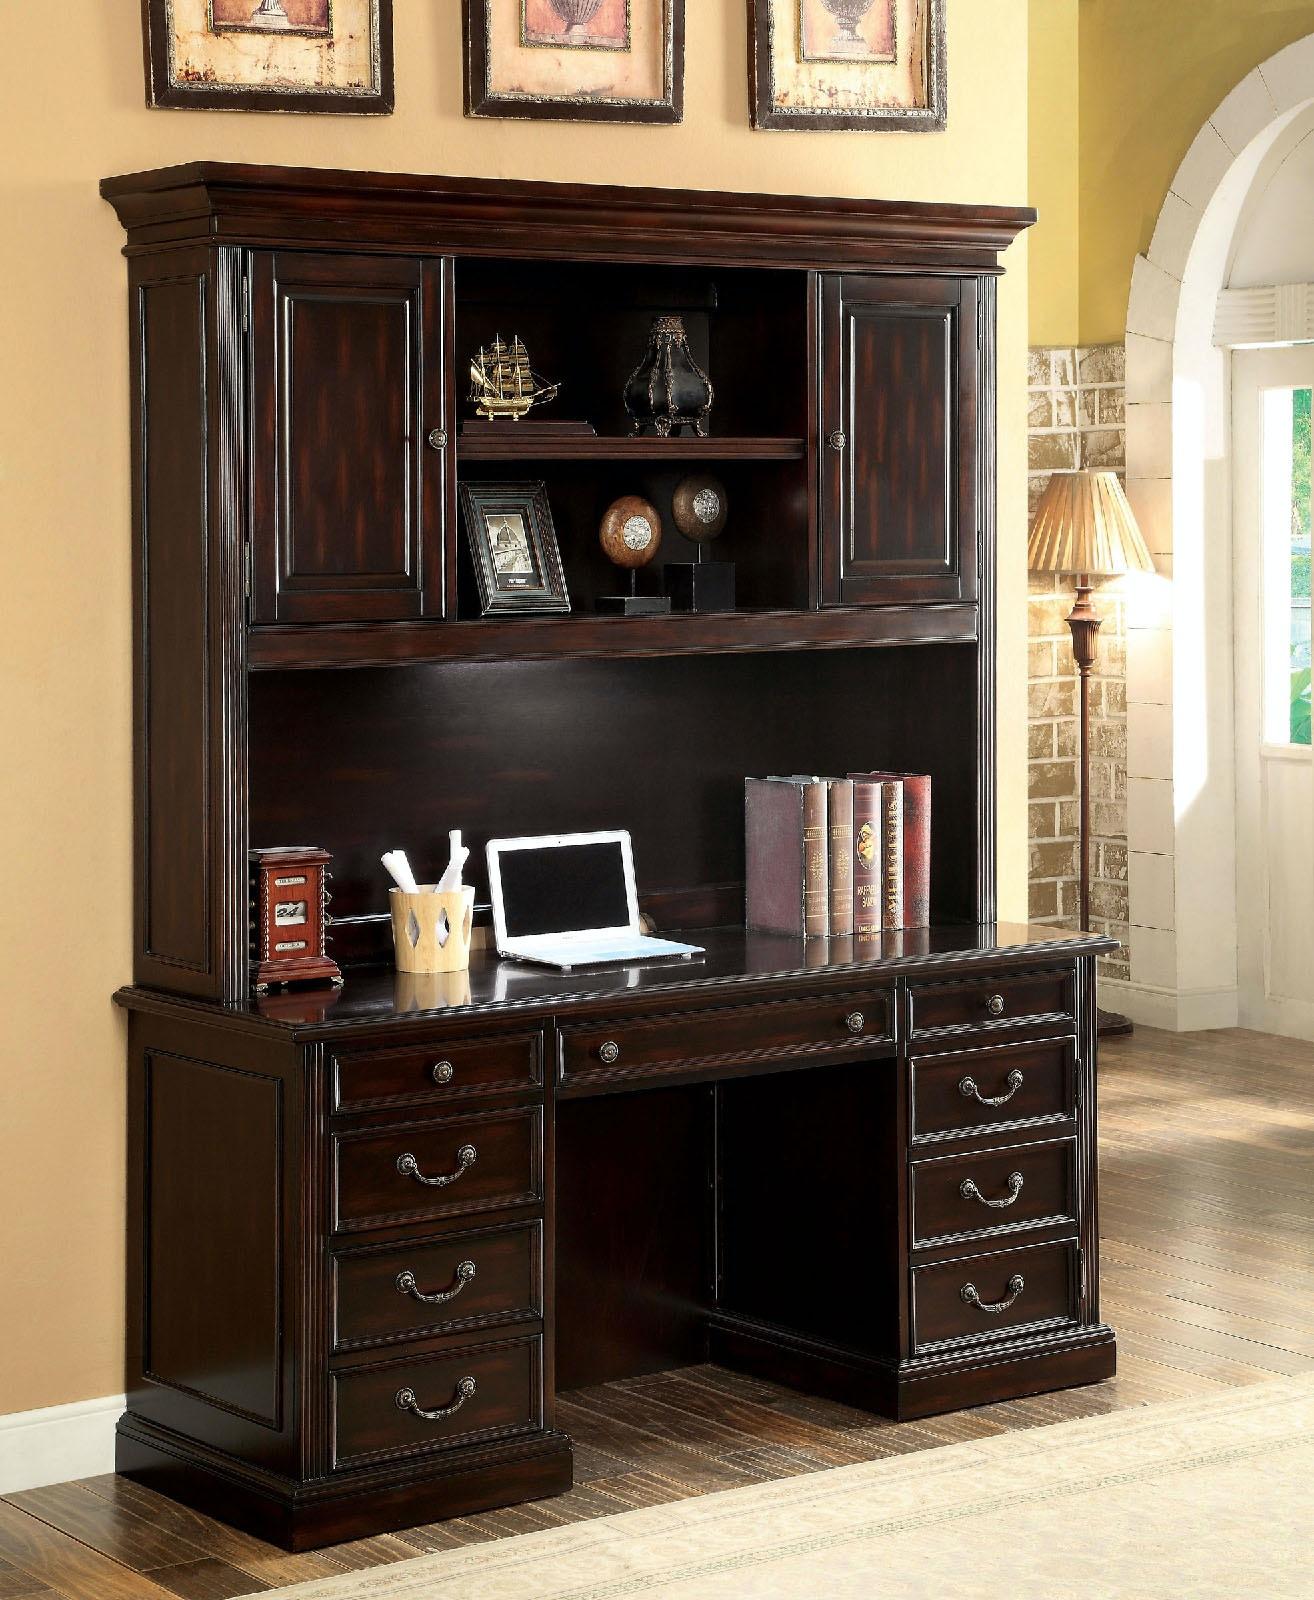 Charmant Furniture Of America Desk Hutch, Cherry CM DK6208H